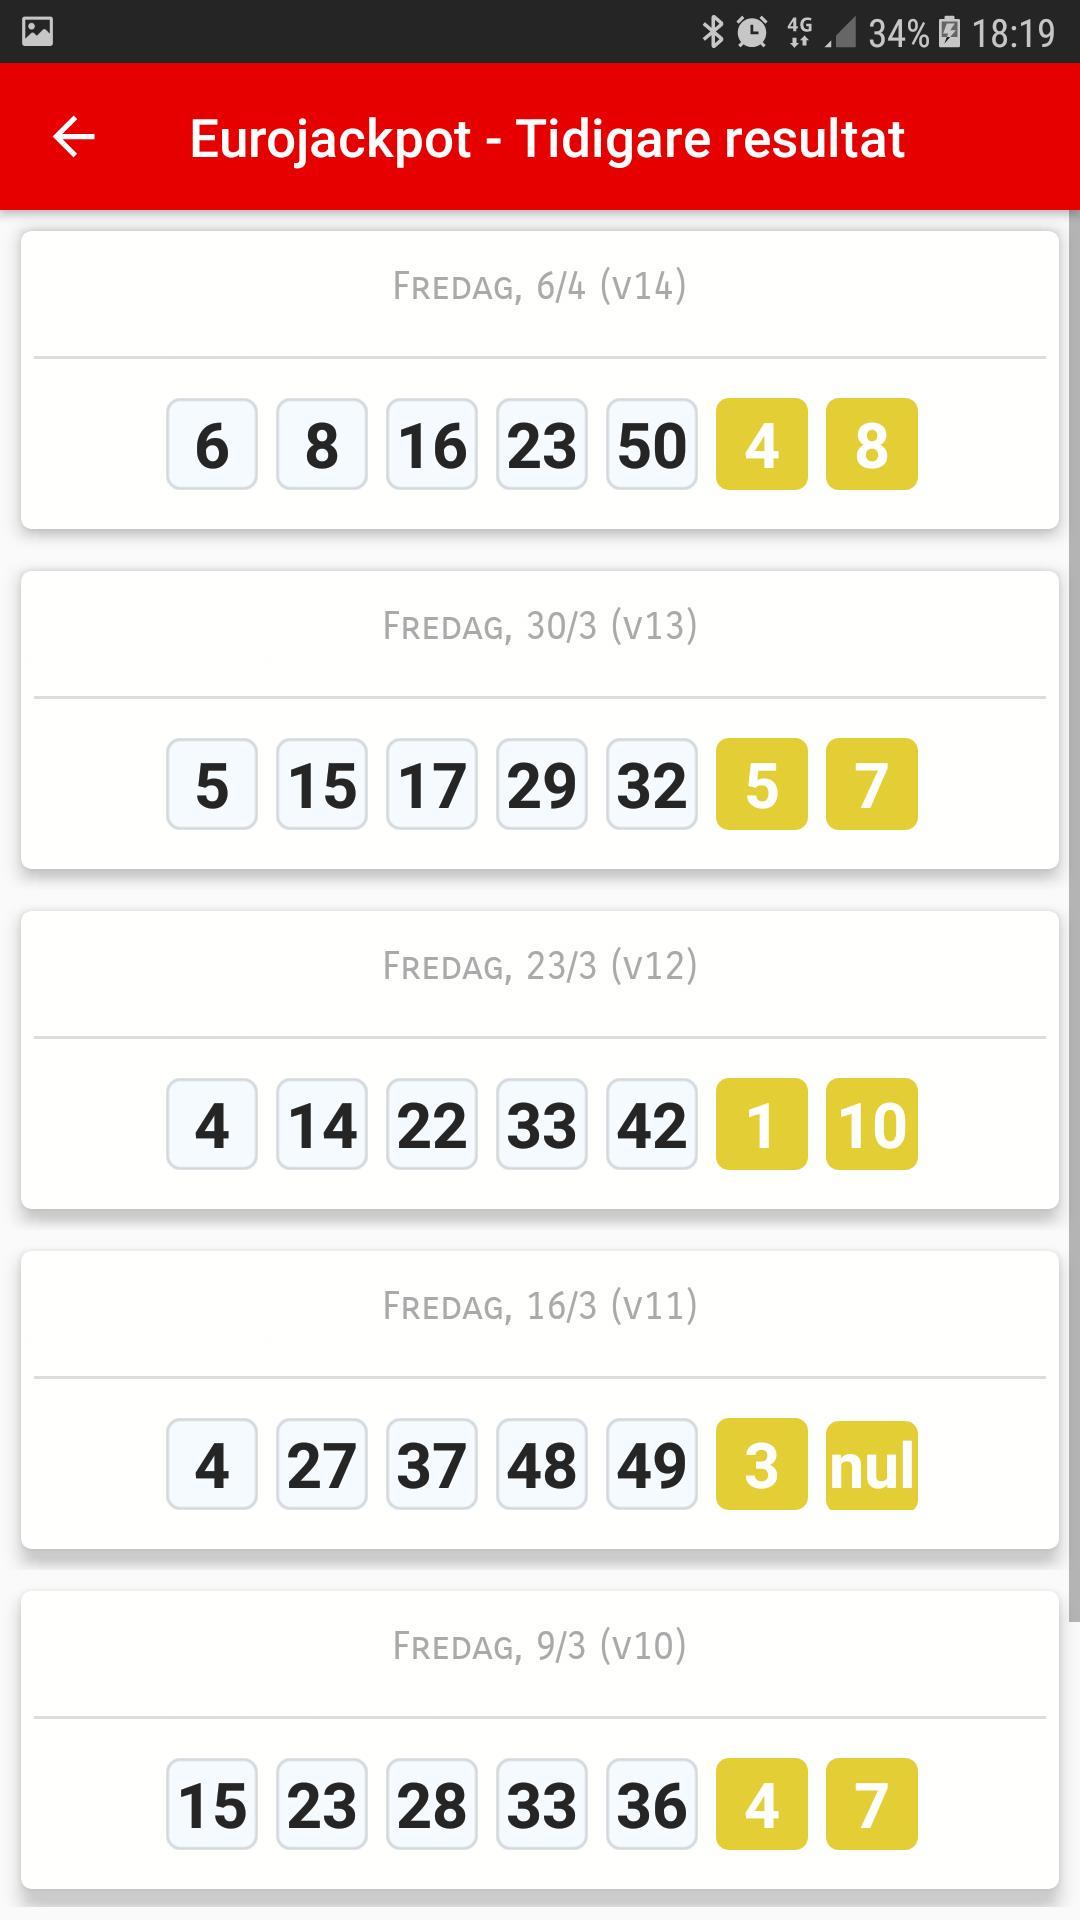 Eurojackpot resultat fredag hel 57624